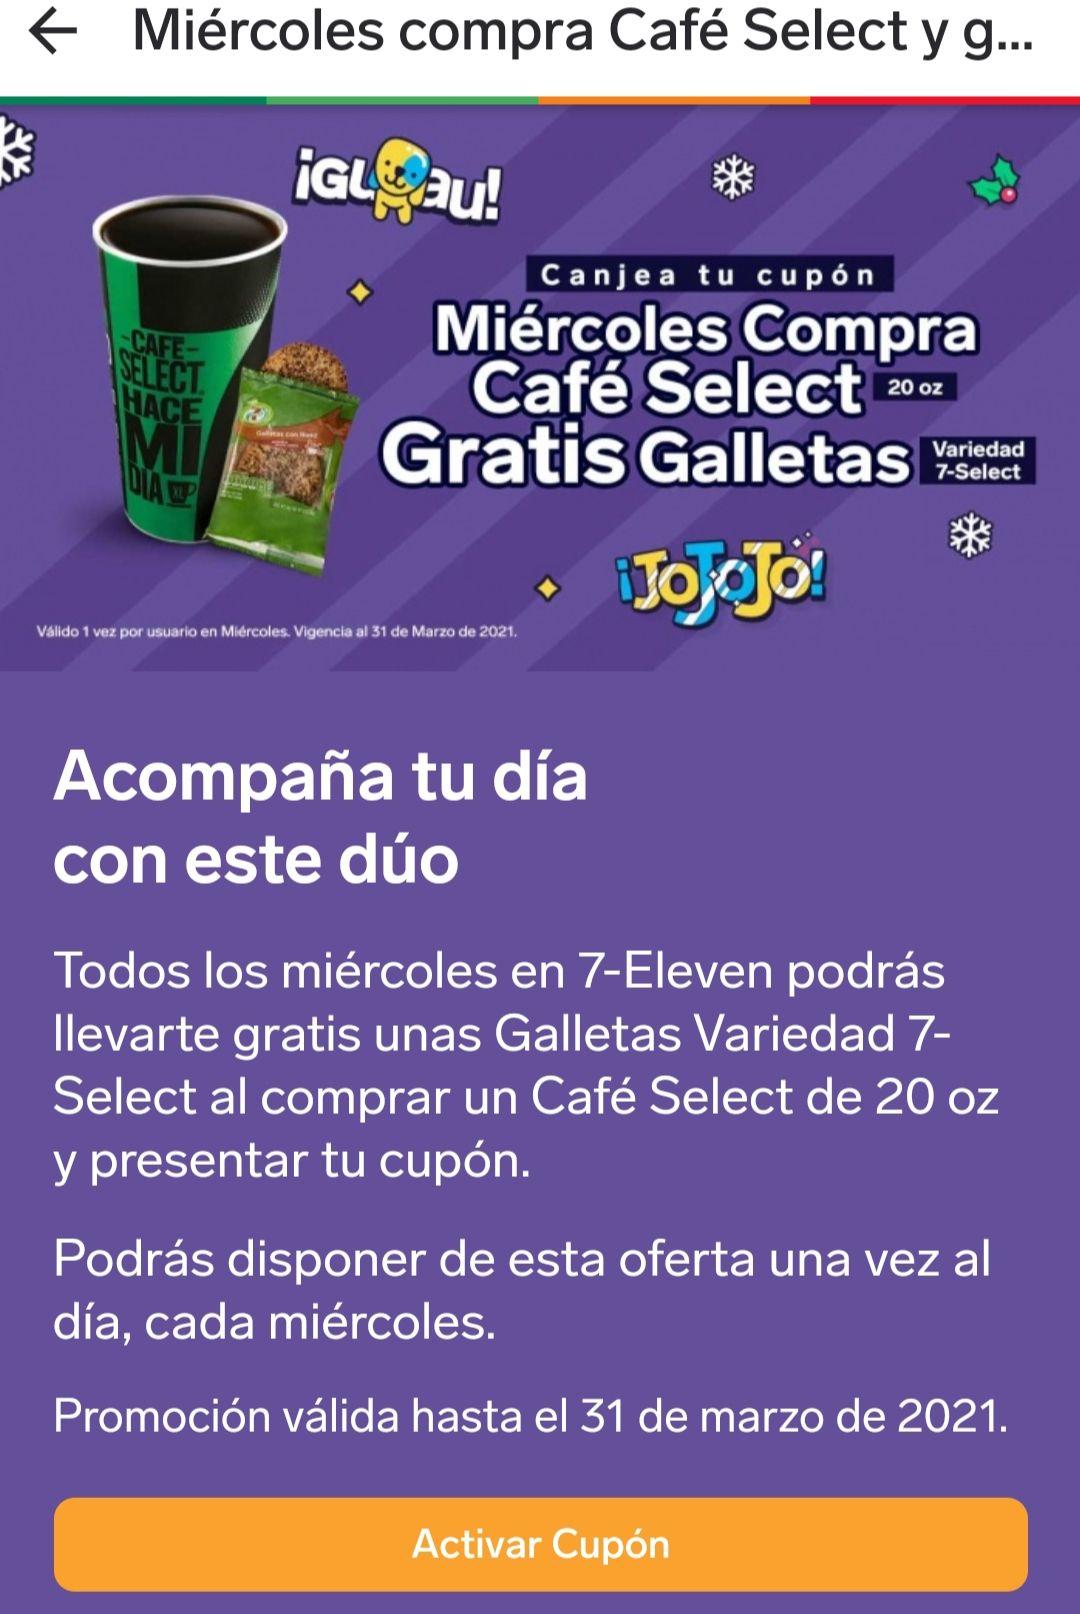 7-Eleven app: Compra Café Select 20 oz todos los Miércoles y llevate Gratis unas galletas activa tu cupón en la app.